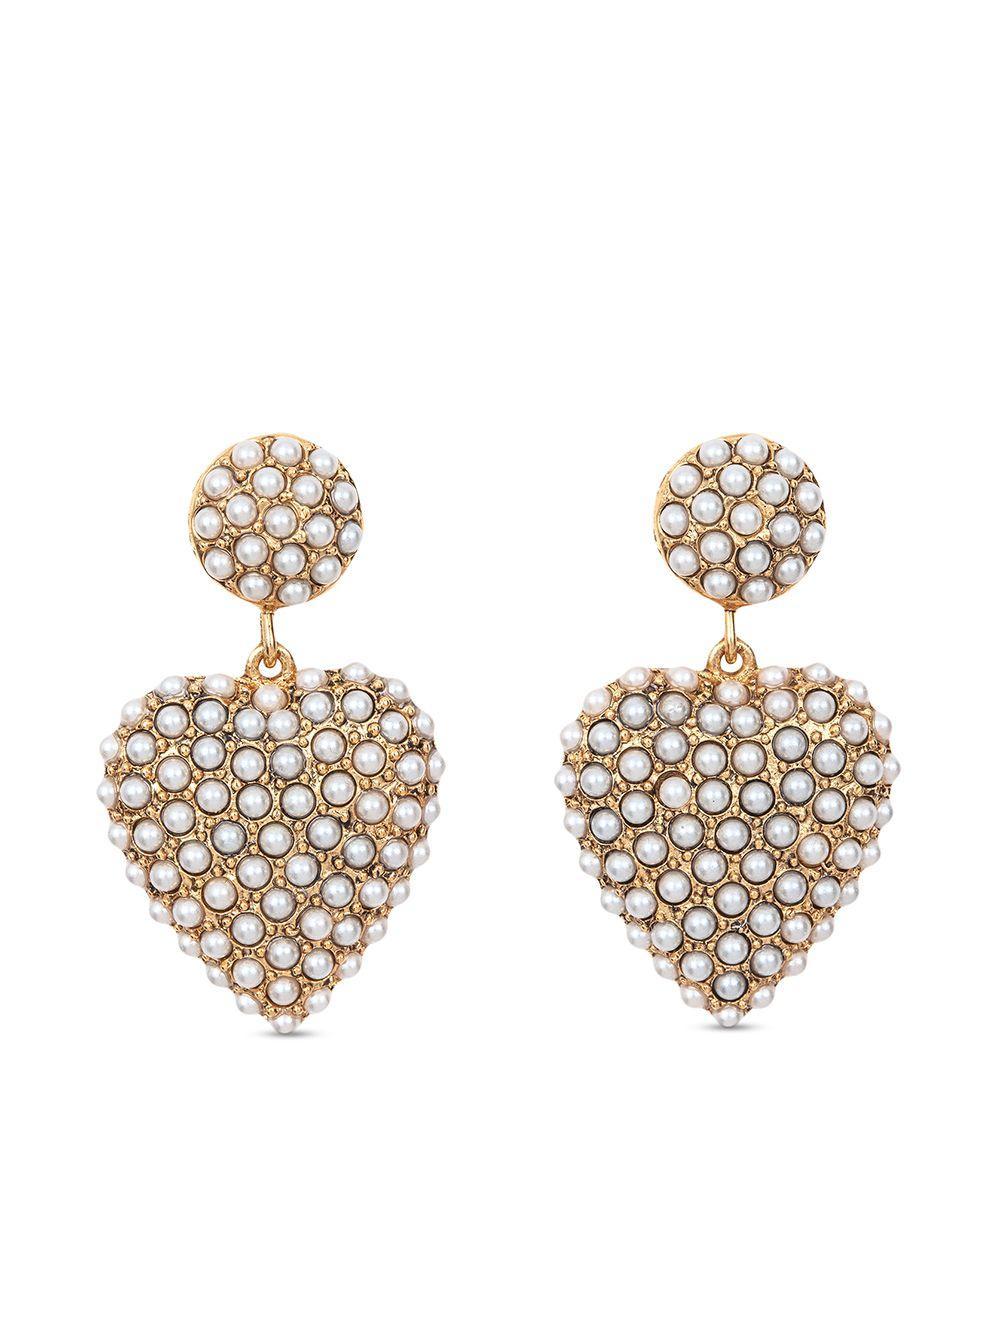 Amelie Heart Pearl Drop Earrings Item # 111RB56